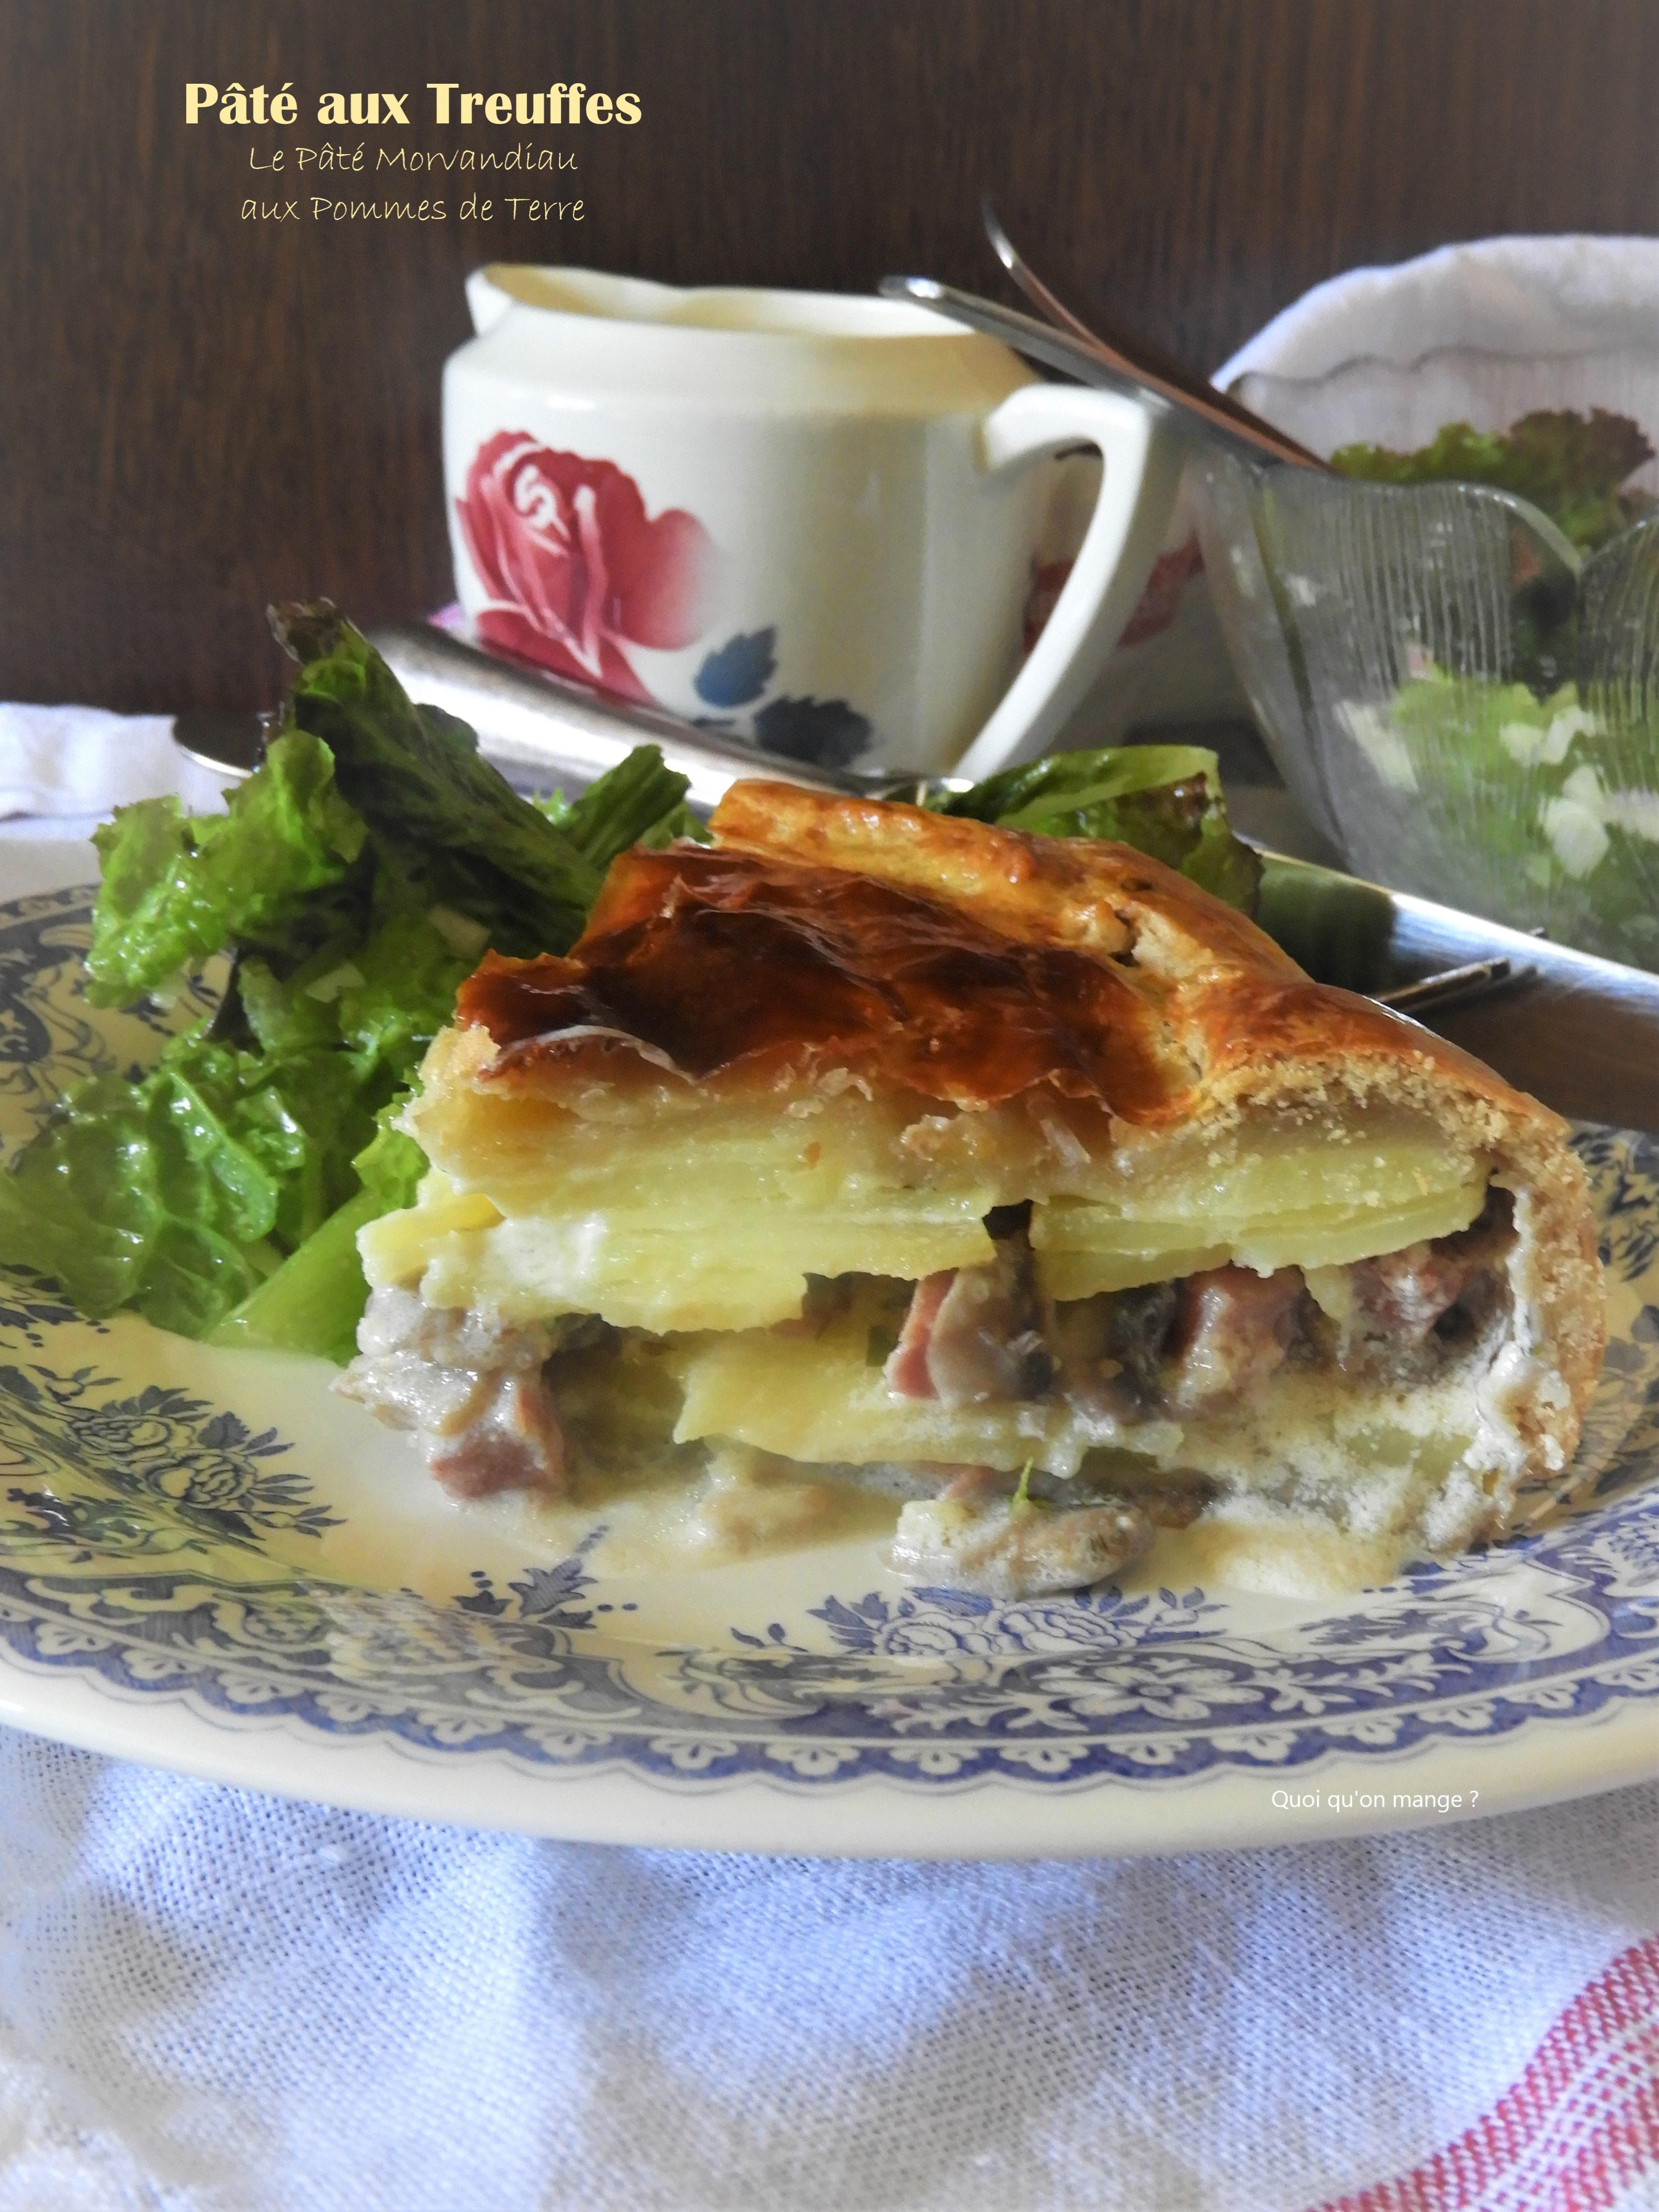 Pâté aux Treuffes, le pâté morvandiau aux pommes de terre